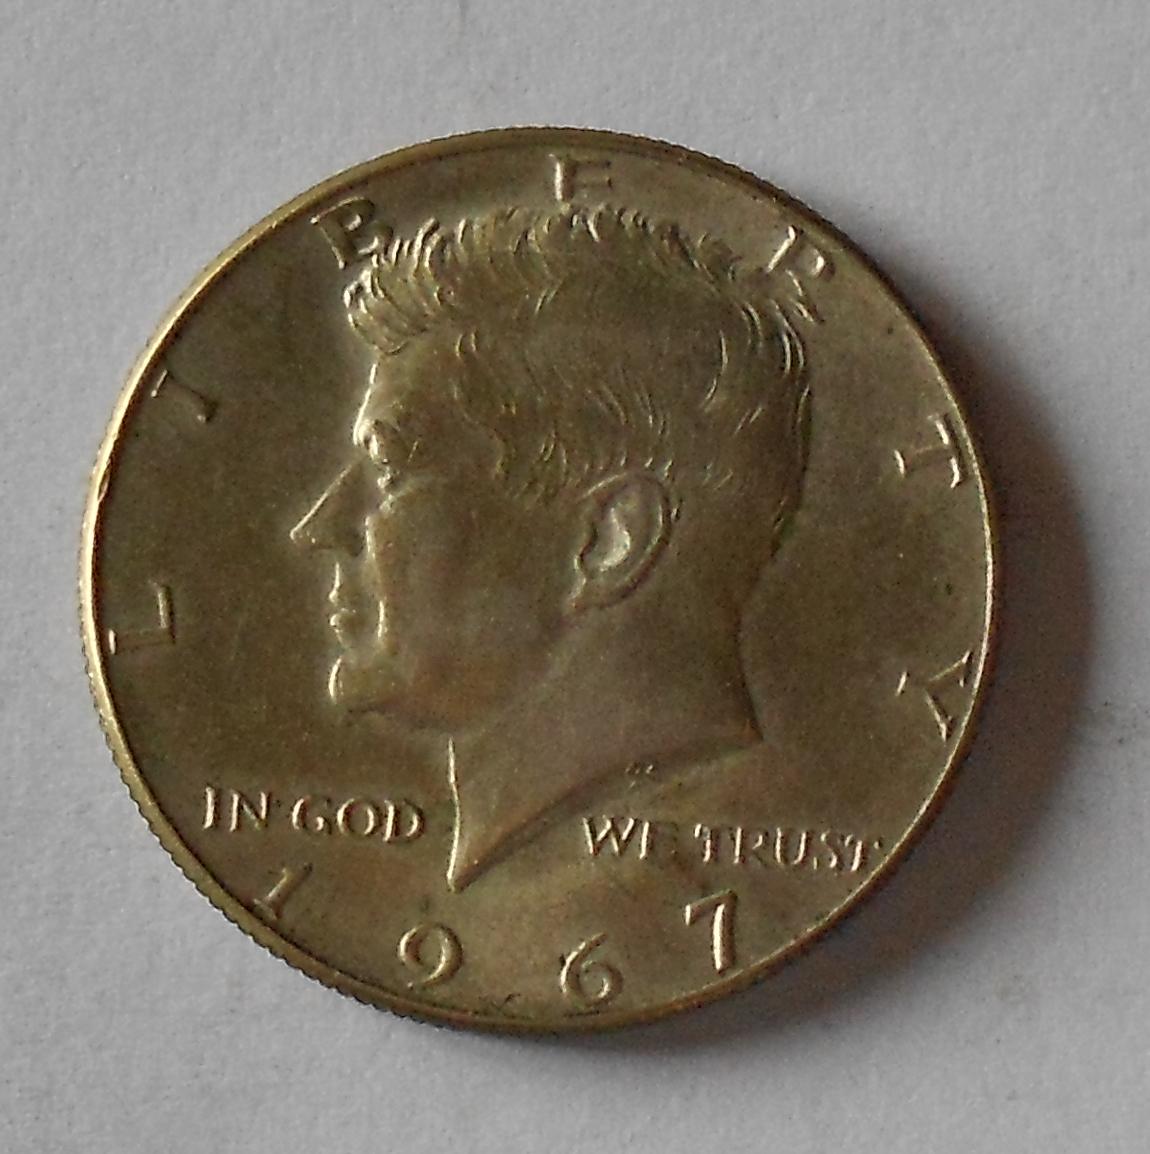 USA 1/2 Dolar 1967 Kennedy